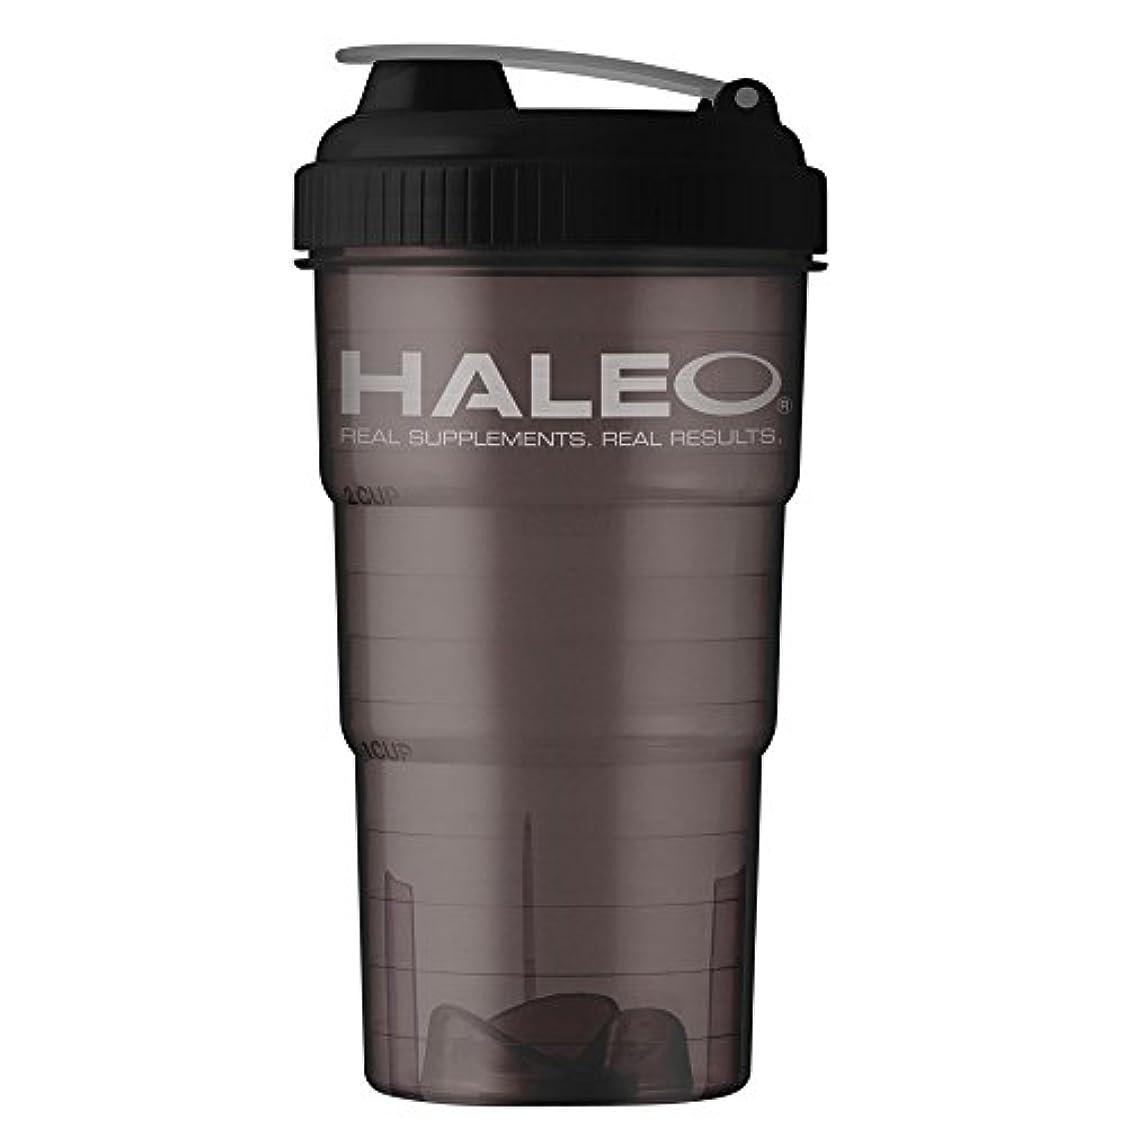 ヒロイン息を切らして上院HALEO サイクロンシェイカーメタル 750ml プラチナ